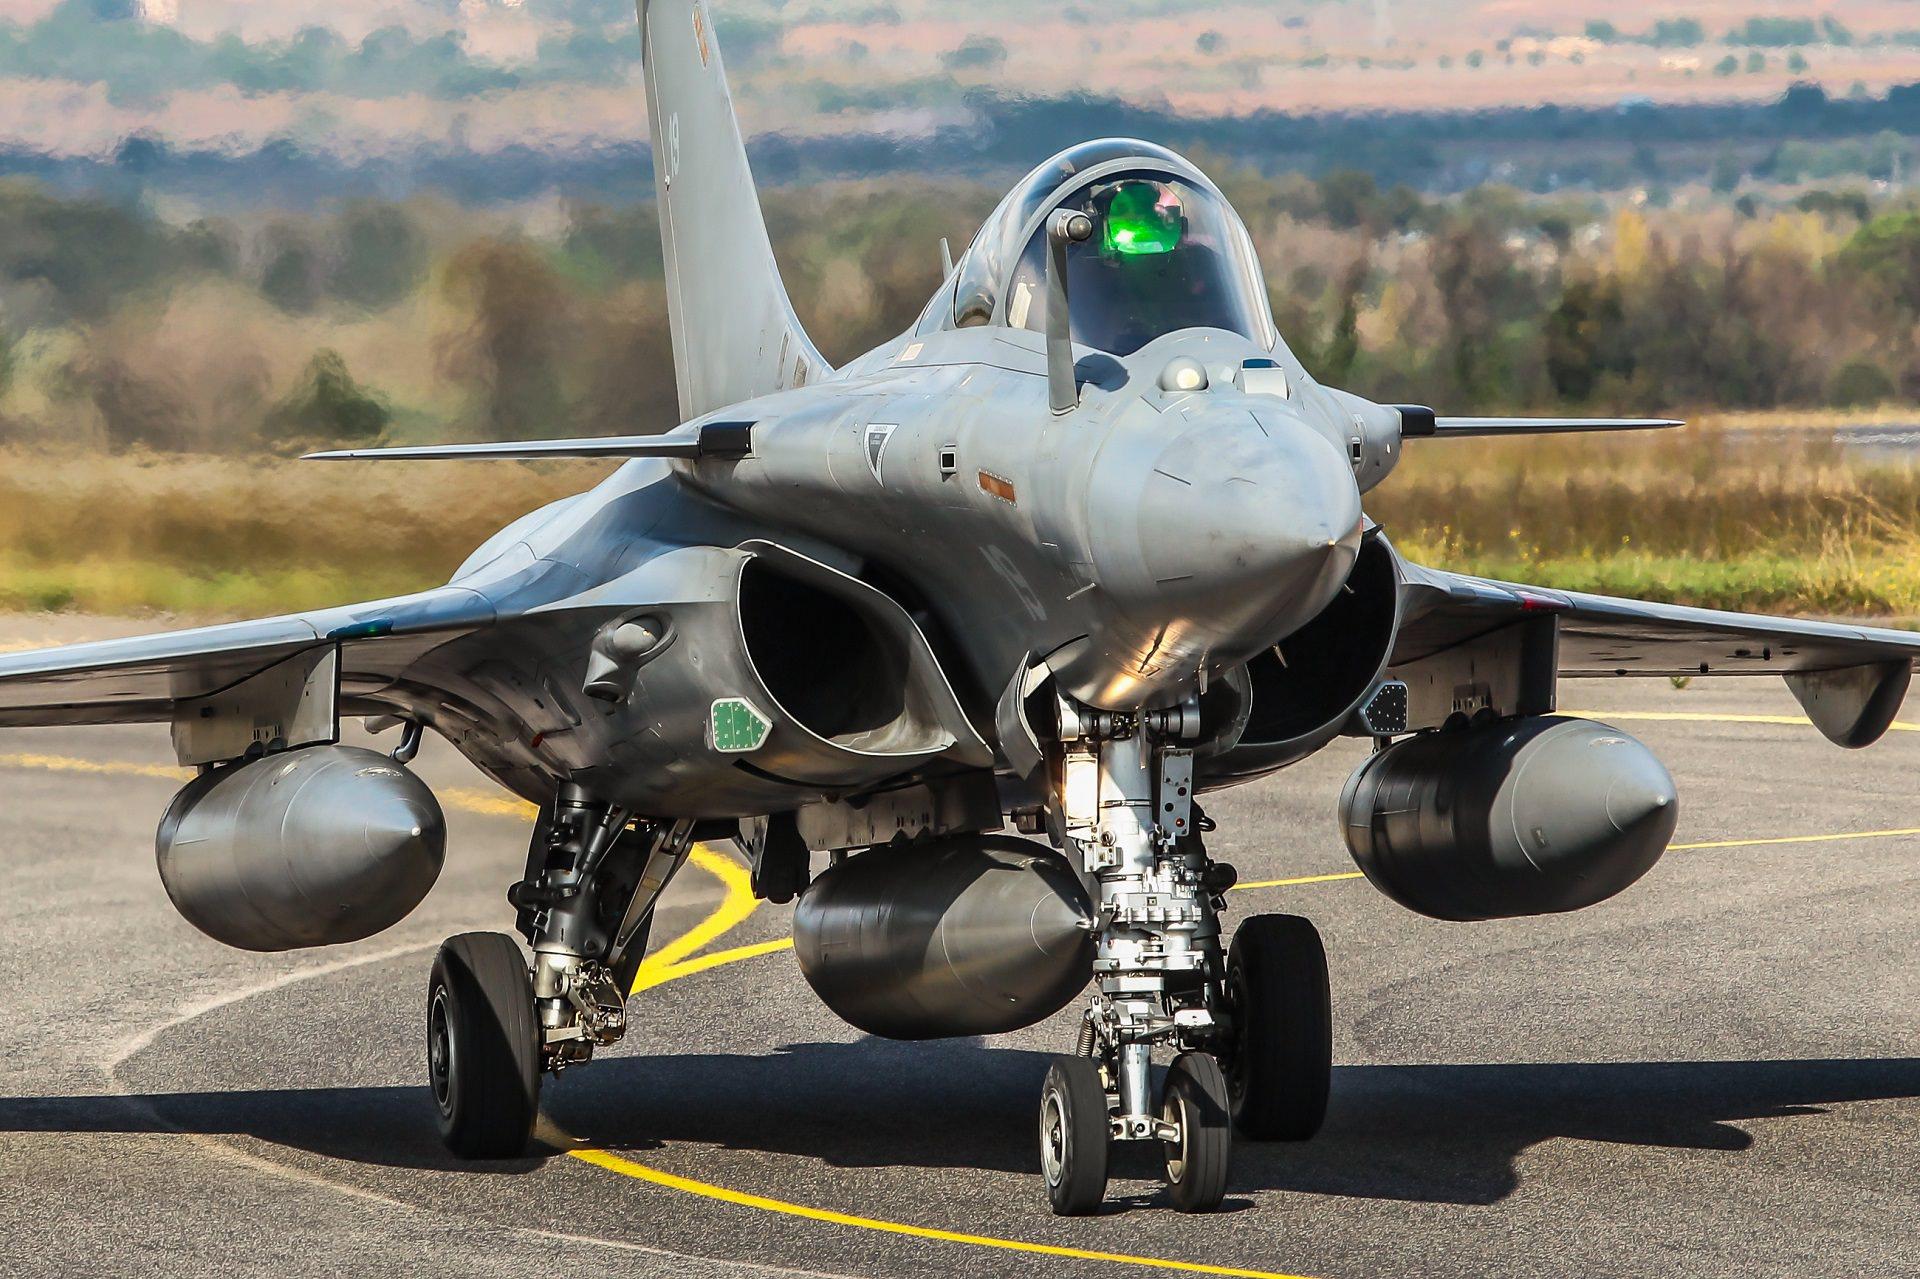 法国白送希腊8架阵风,印度抱怨太不够朋友:被坑了几十亿美元